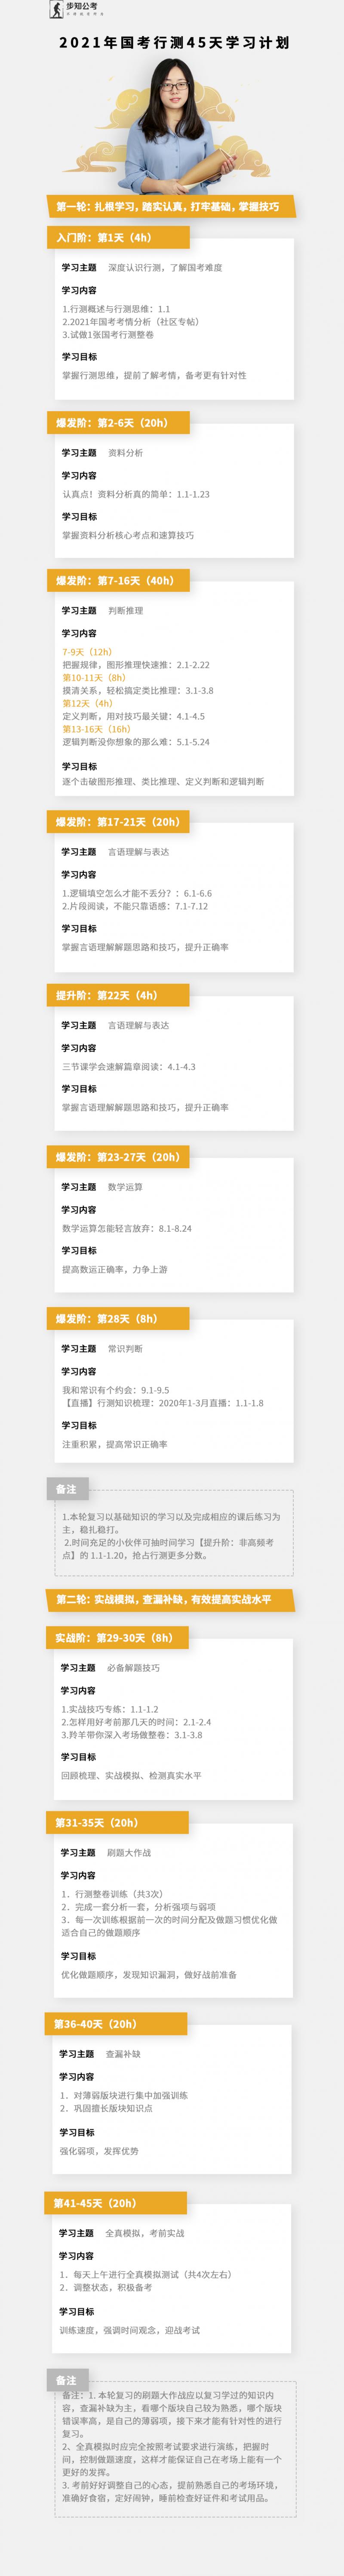 行测国考45天学习计划_02.png